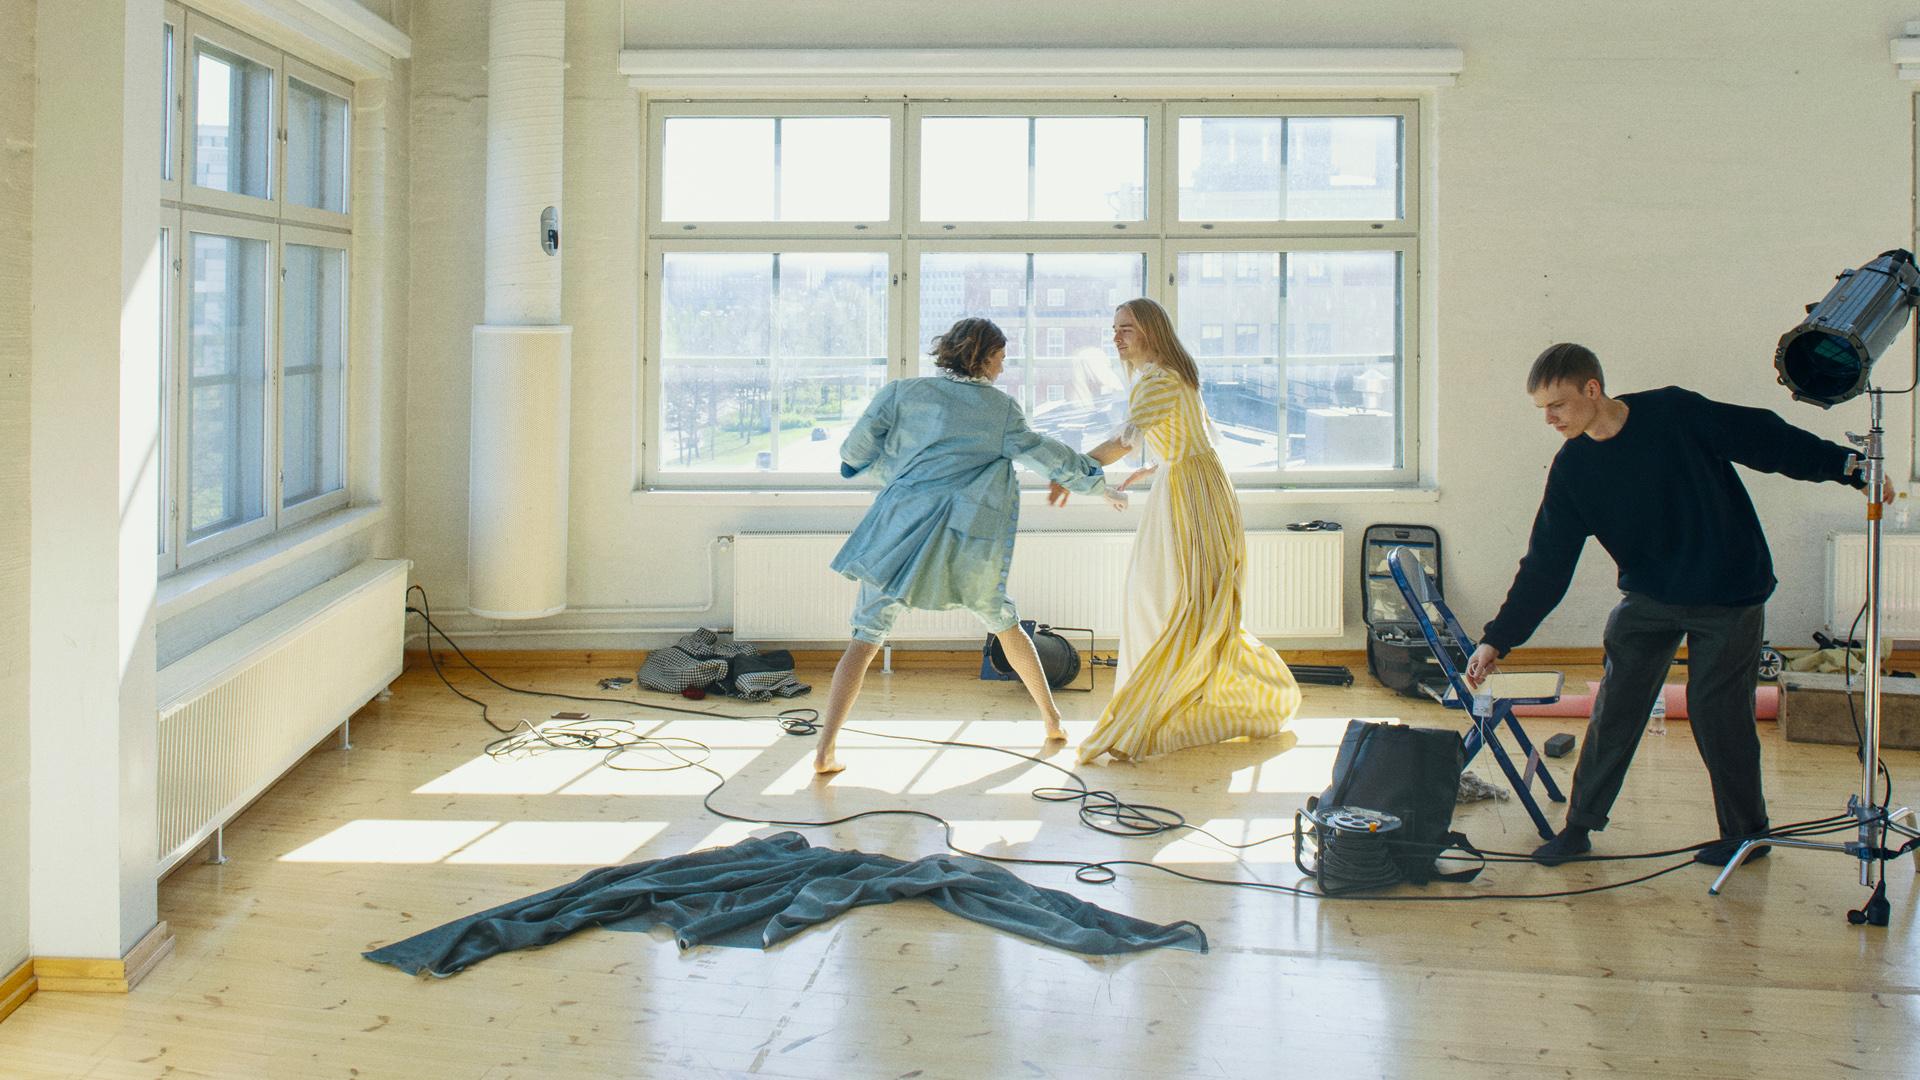 Kaksi henkilöä esiintymisasuissa liikkuvat valoisassa harjoitussalissa. Etualalla lattialla on ruttuinen kangas ja johtoja. Reunalla kolmas henkilö, joka pitää kiinni kuvausvalon rungosta ja johdoista.